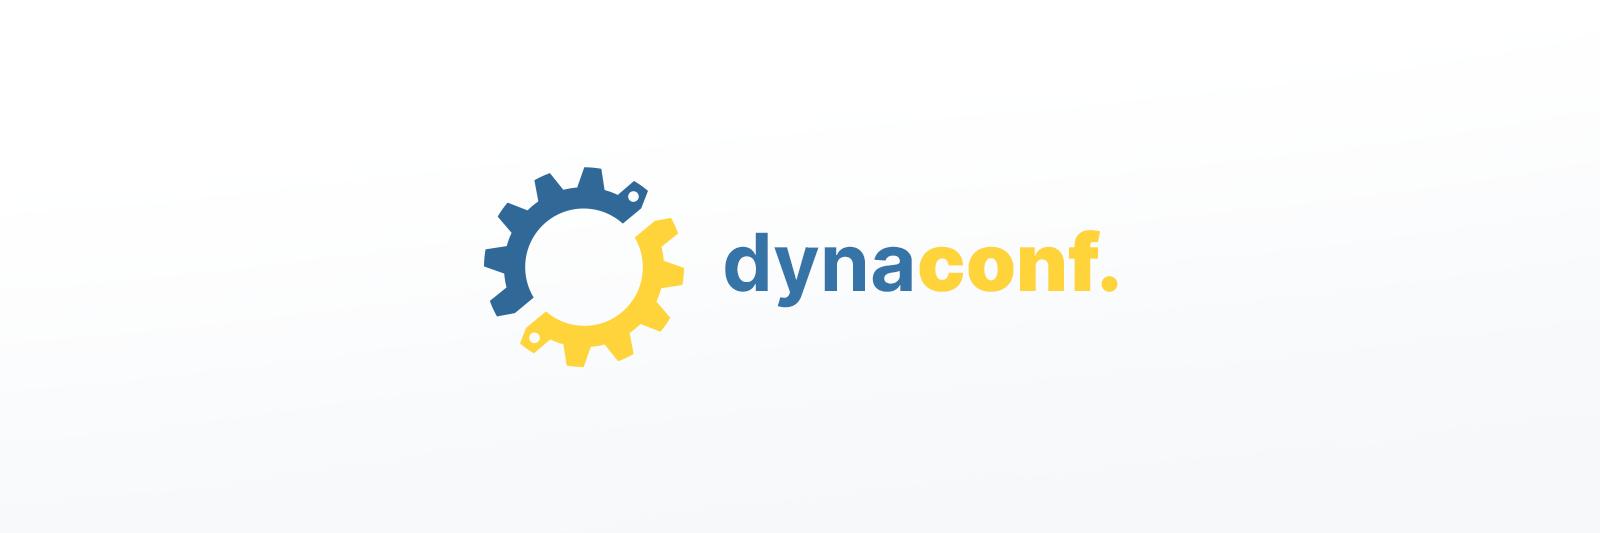 dynaconf. new logo